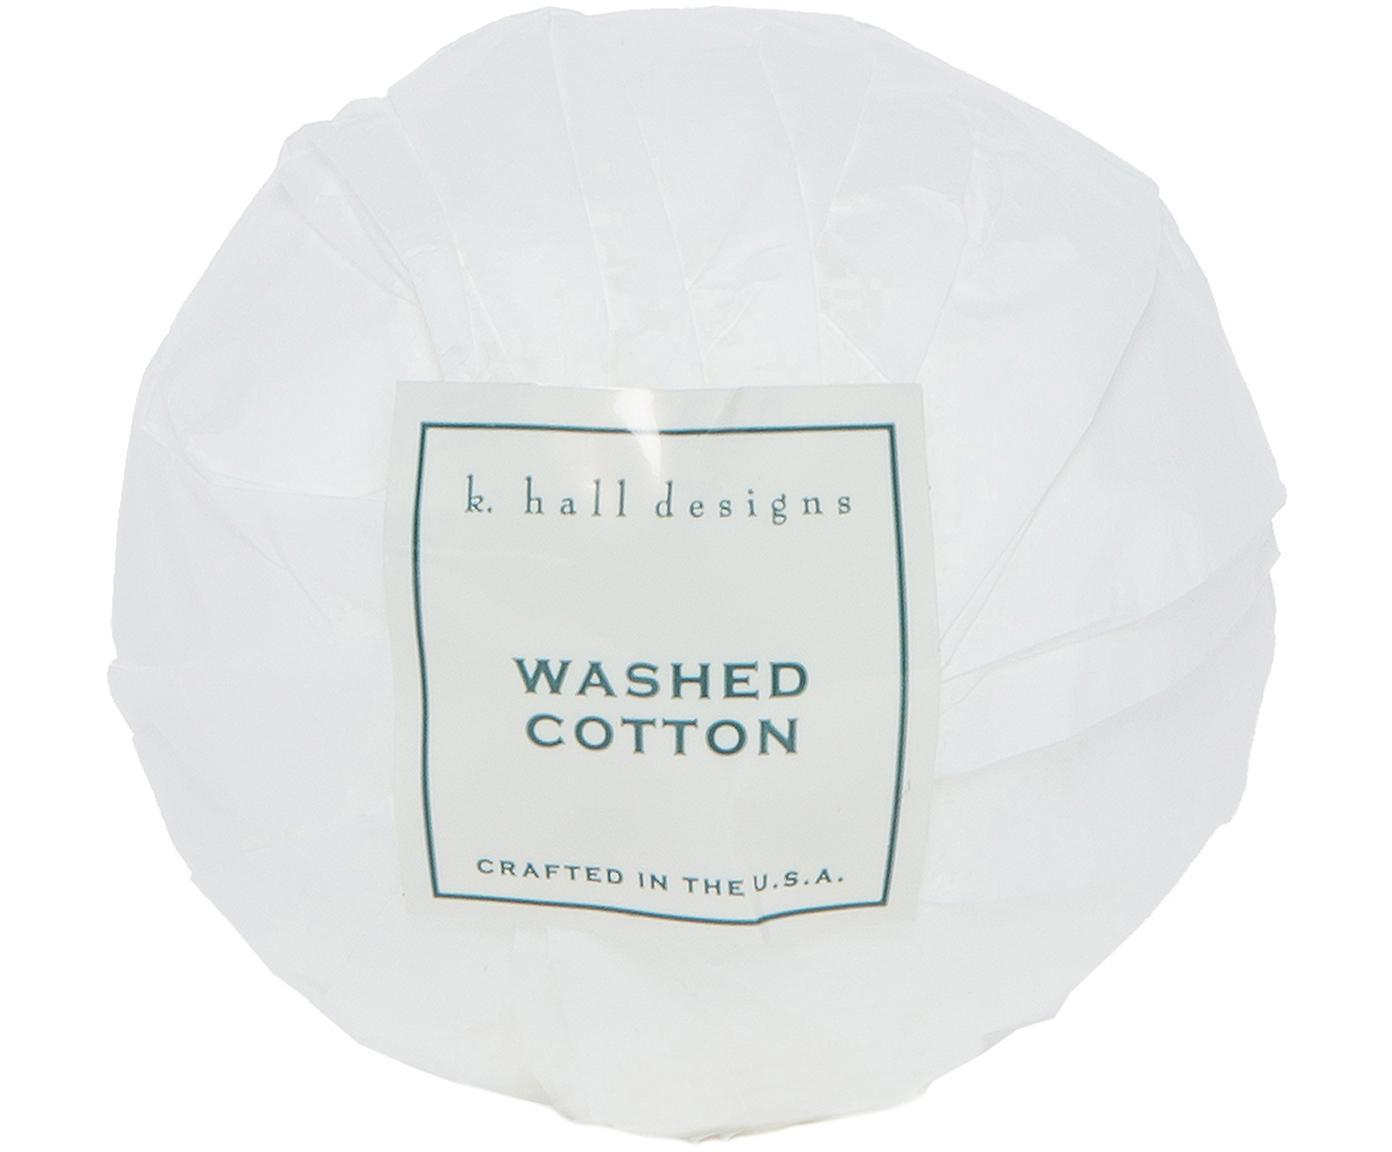 Sfera da bagno Washed Cotton (lavanda e camomilla), Bianco, Ø 7 x Alt. 7 cm